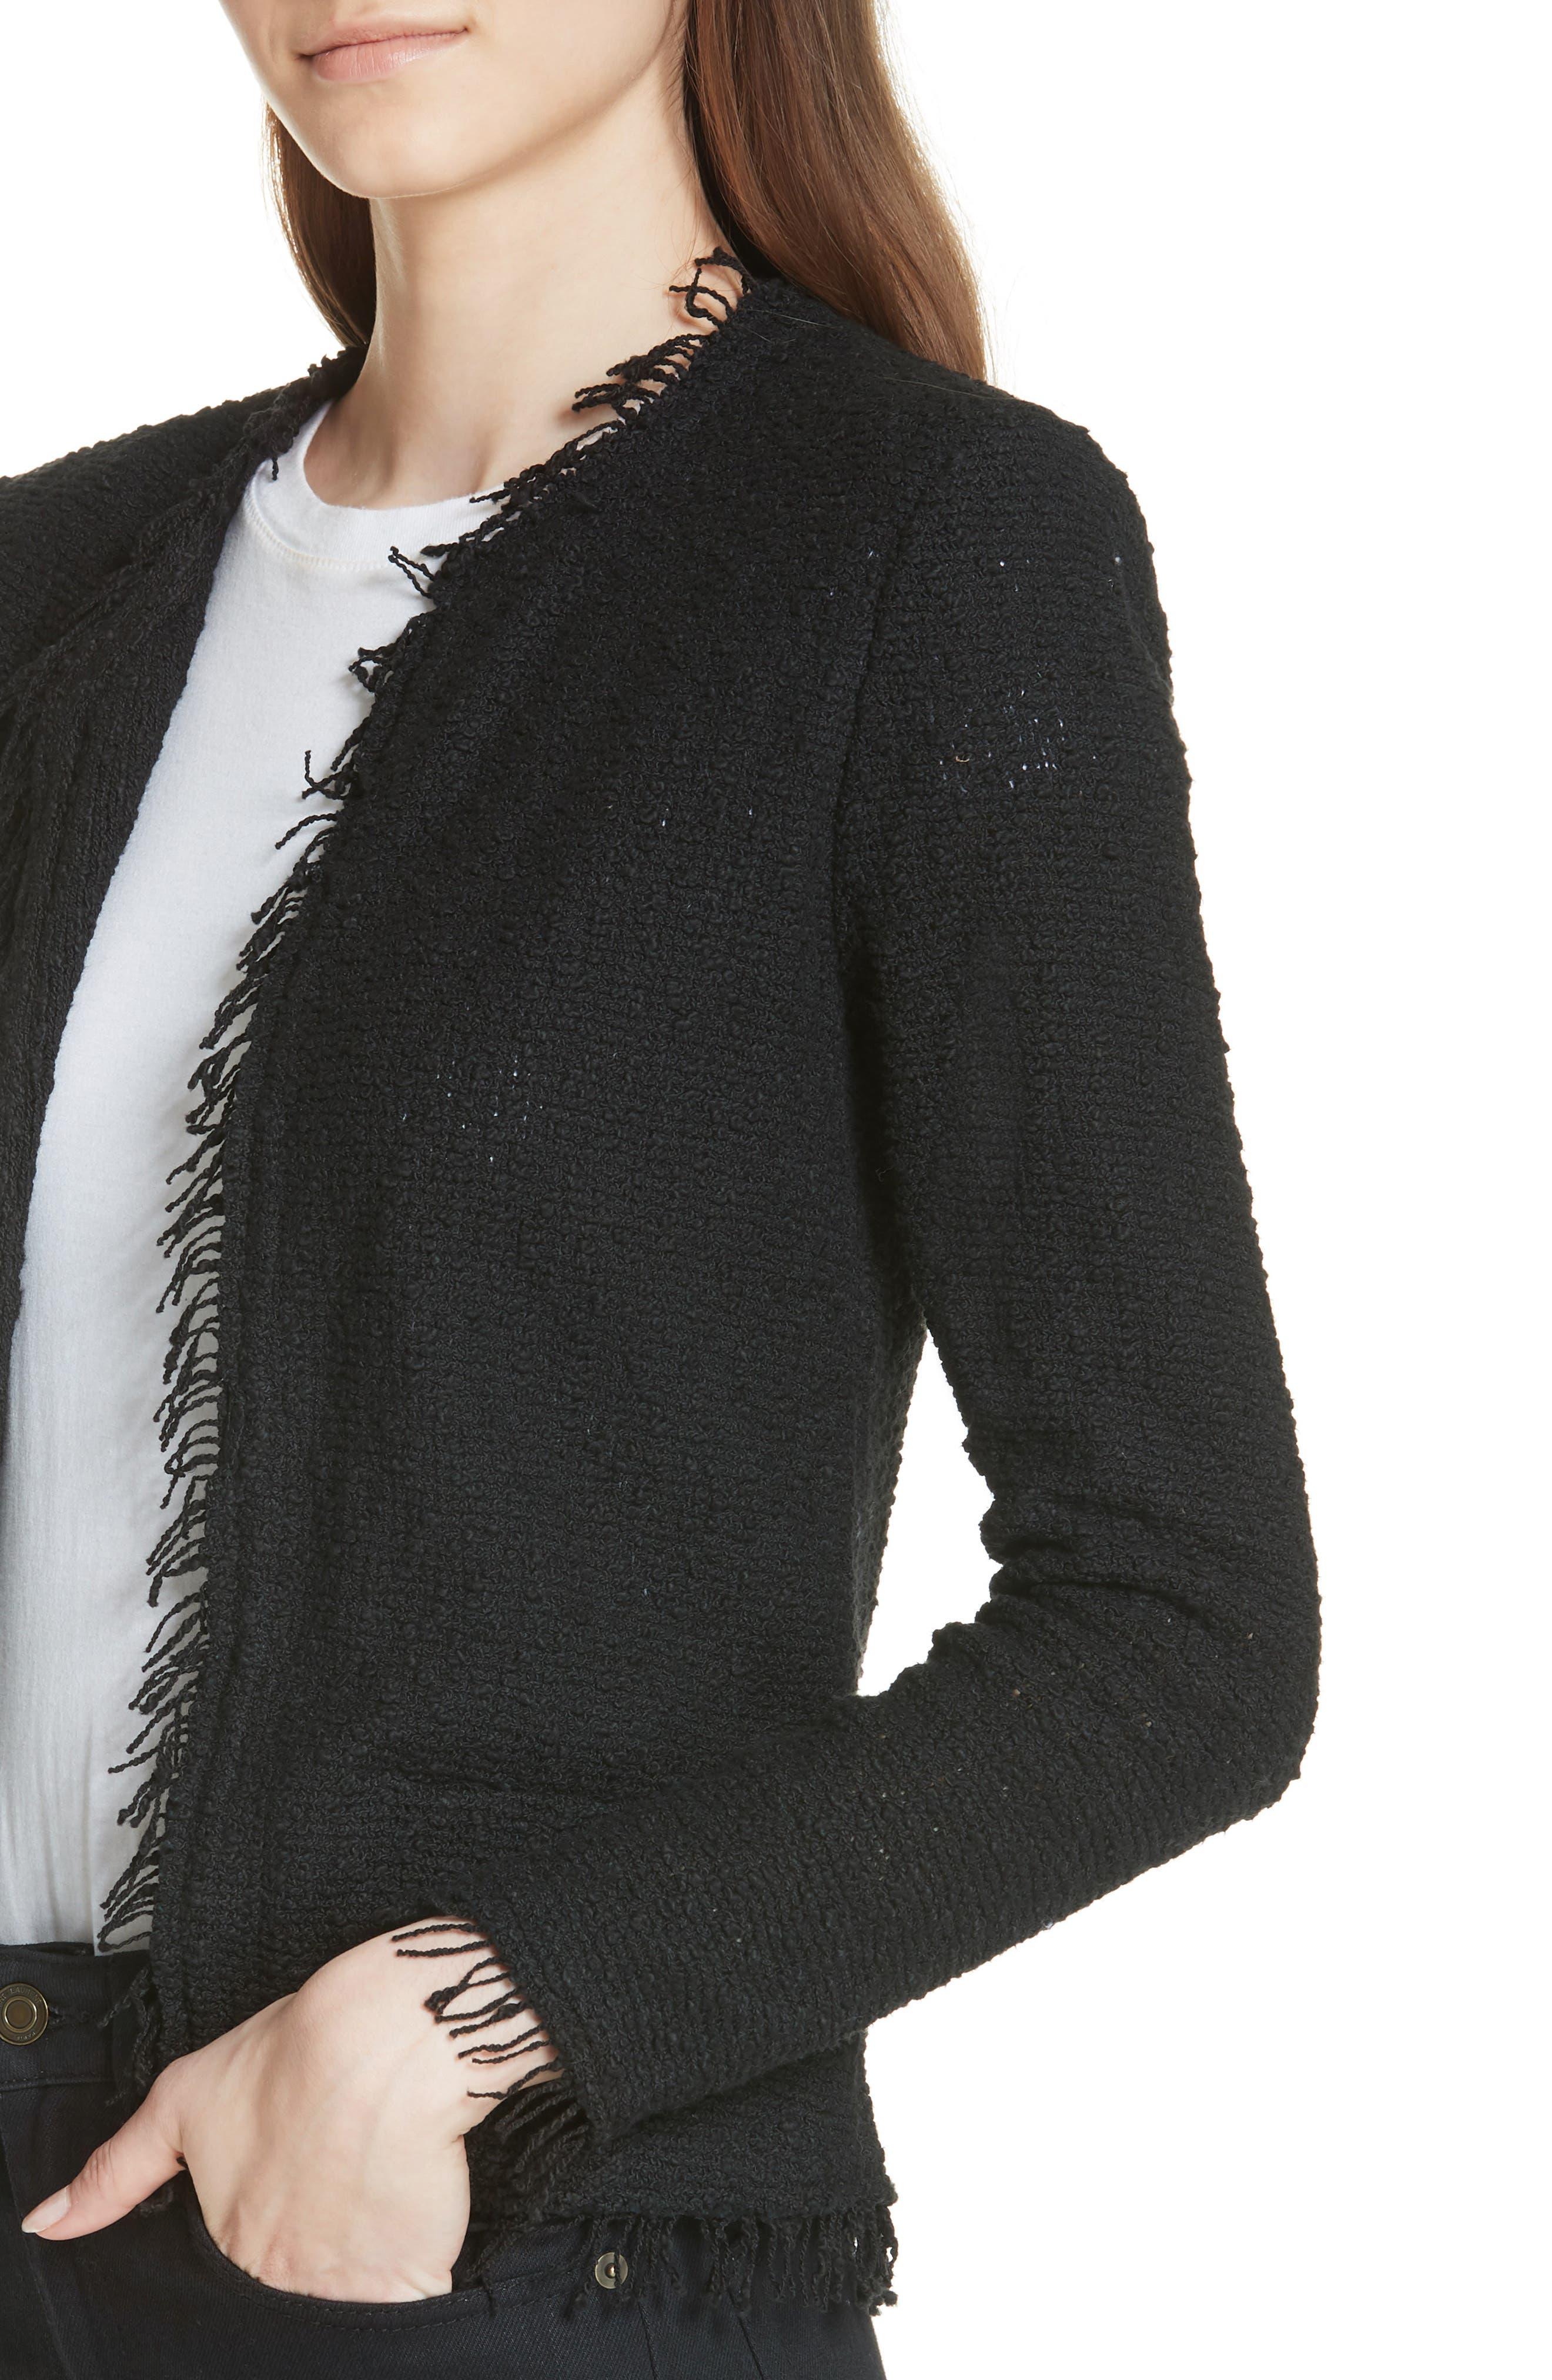 Shavani Tweed Jacket,                             Alternate thumbnail 4, color,                             Black